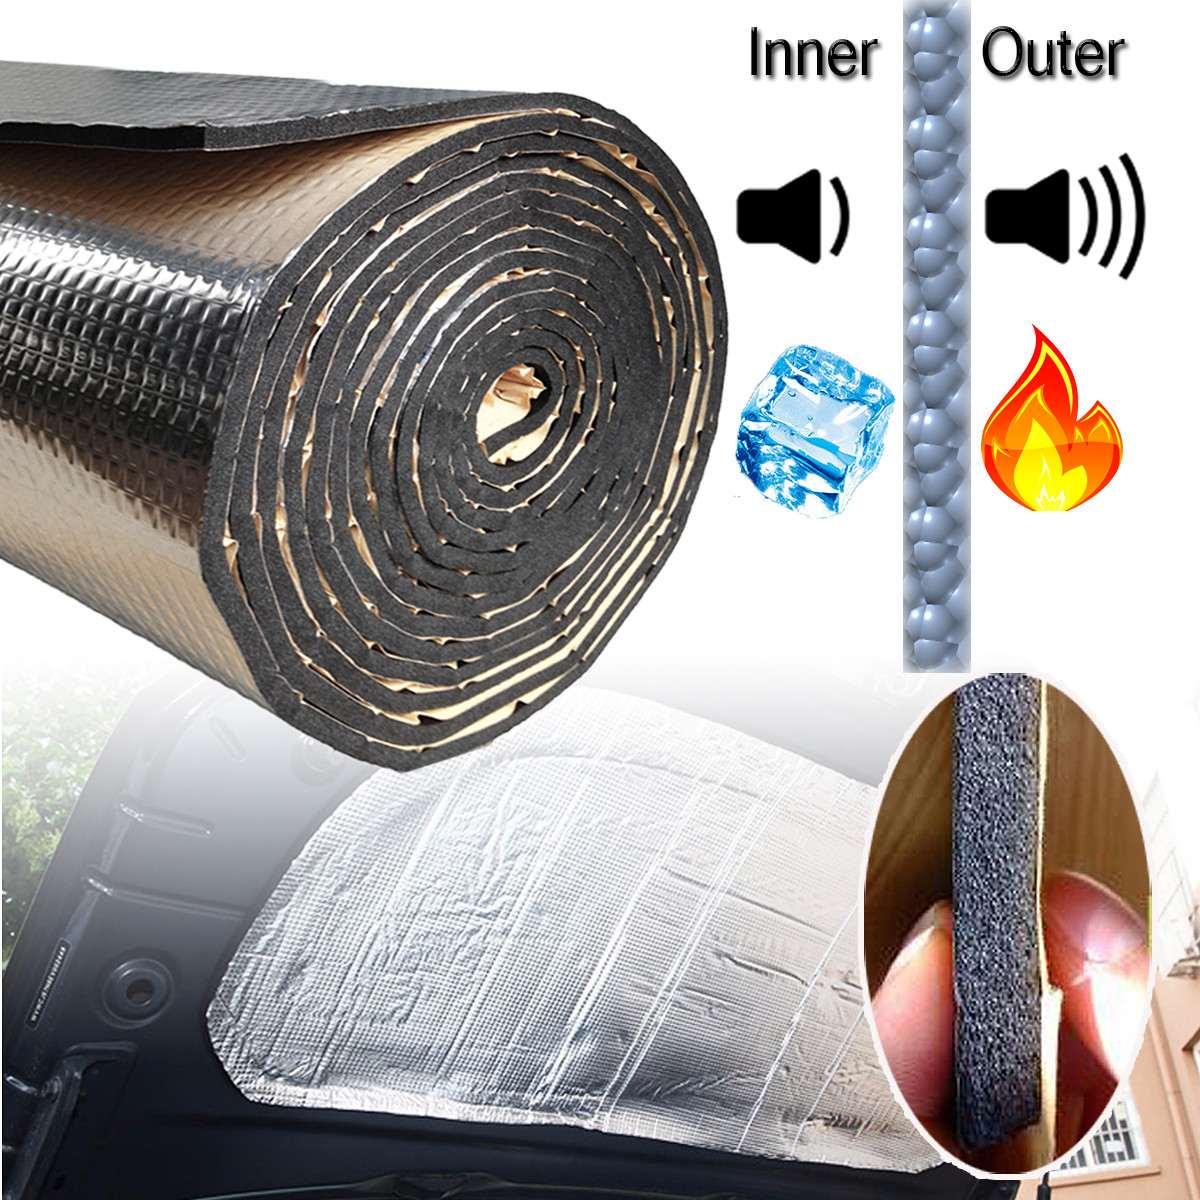 Звукоизолирующий коврик 140x100 см 15 sqft для автомобиля, шумоизоляционная изоляция капота, деформационный экран двигателя, Теплоизоляционный а... title=